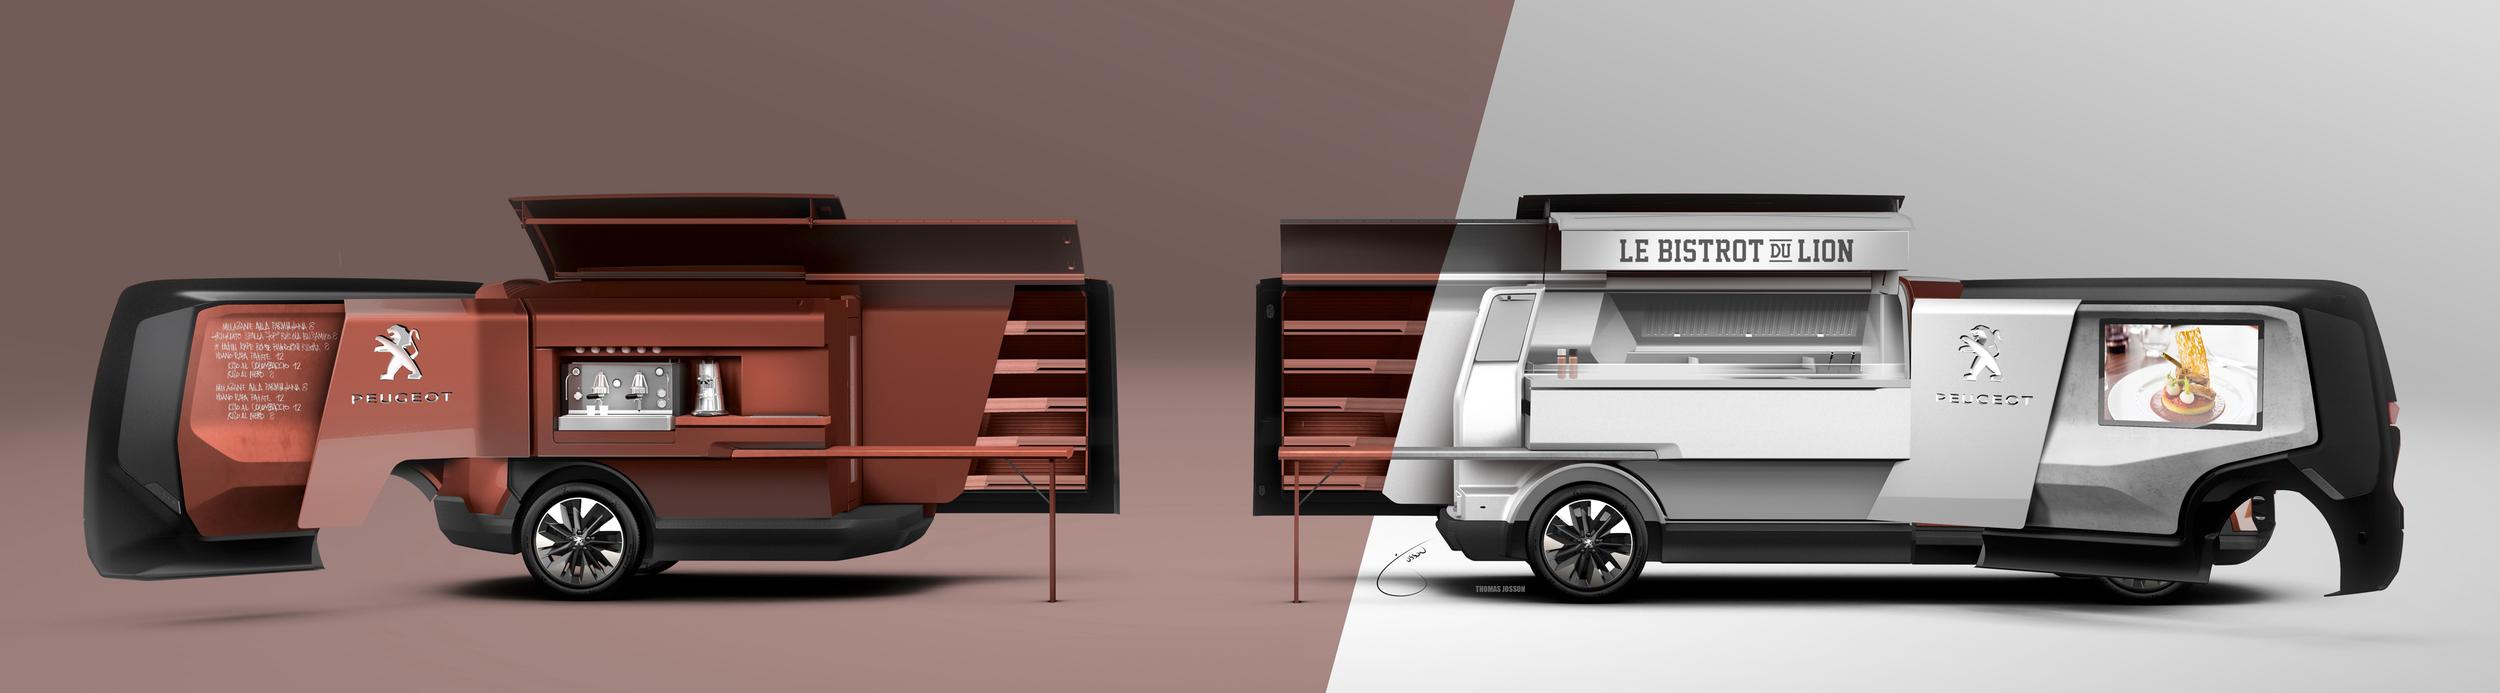 peugeot foodtruck concept 2015 le bistrot du lion blog. Black Bedroom Furniture Sets. Home Design Ideas